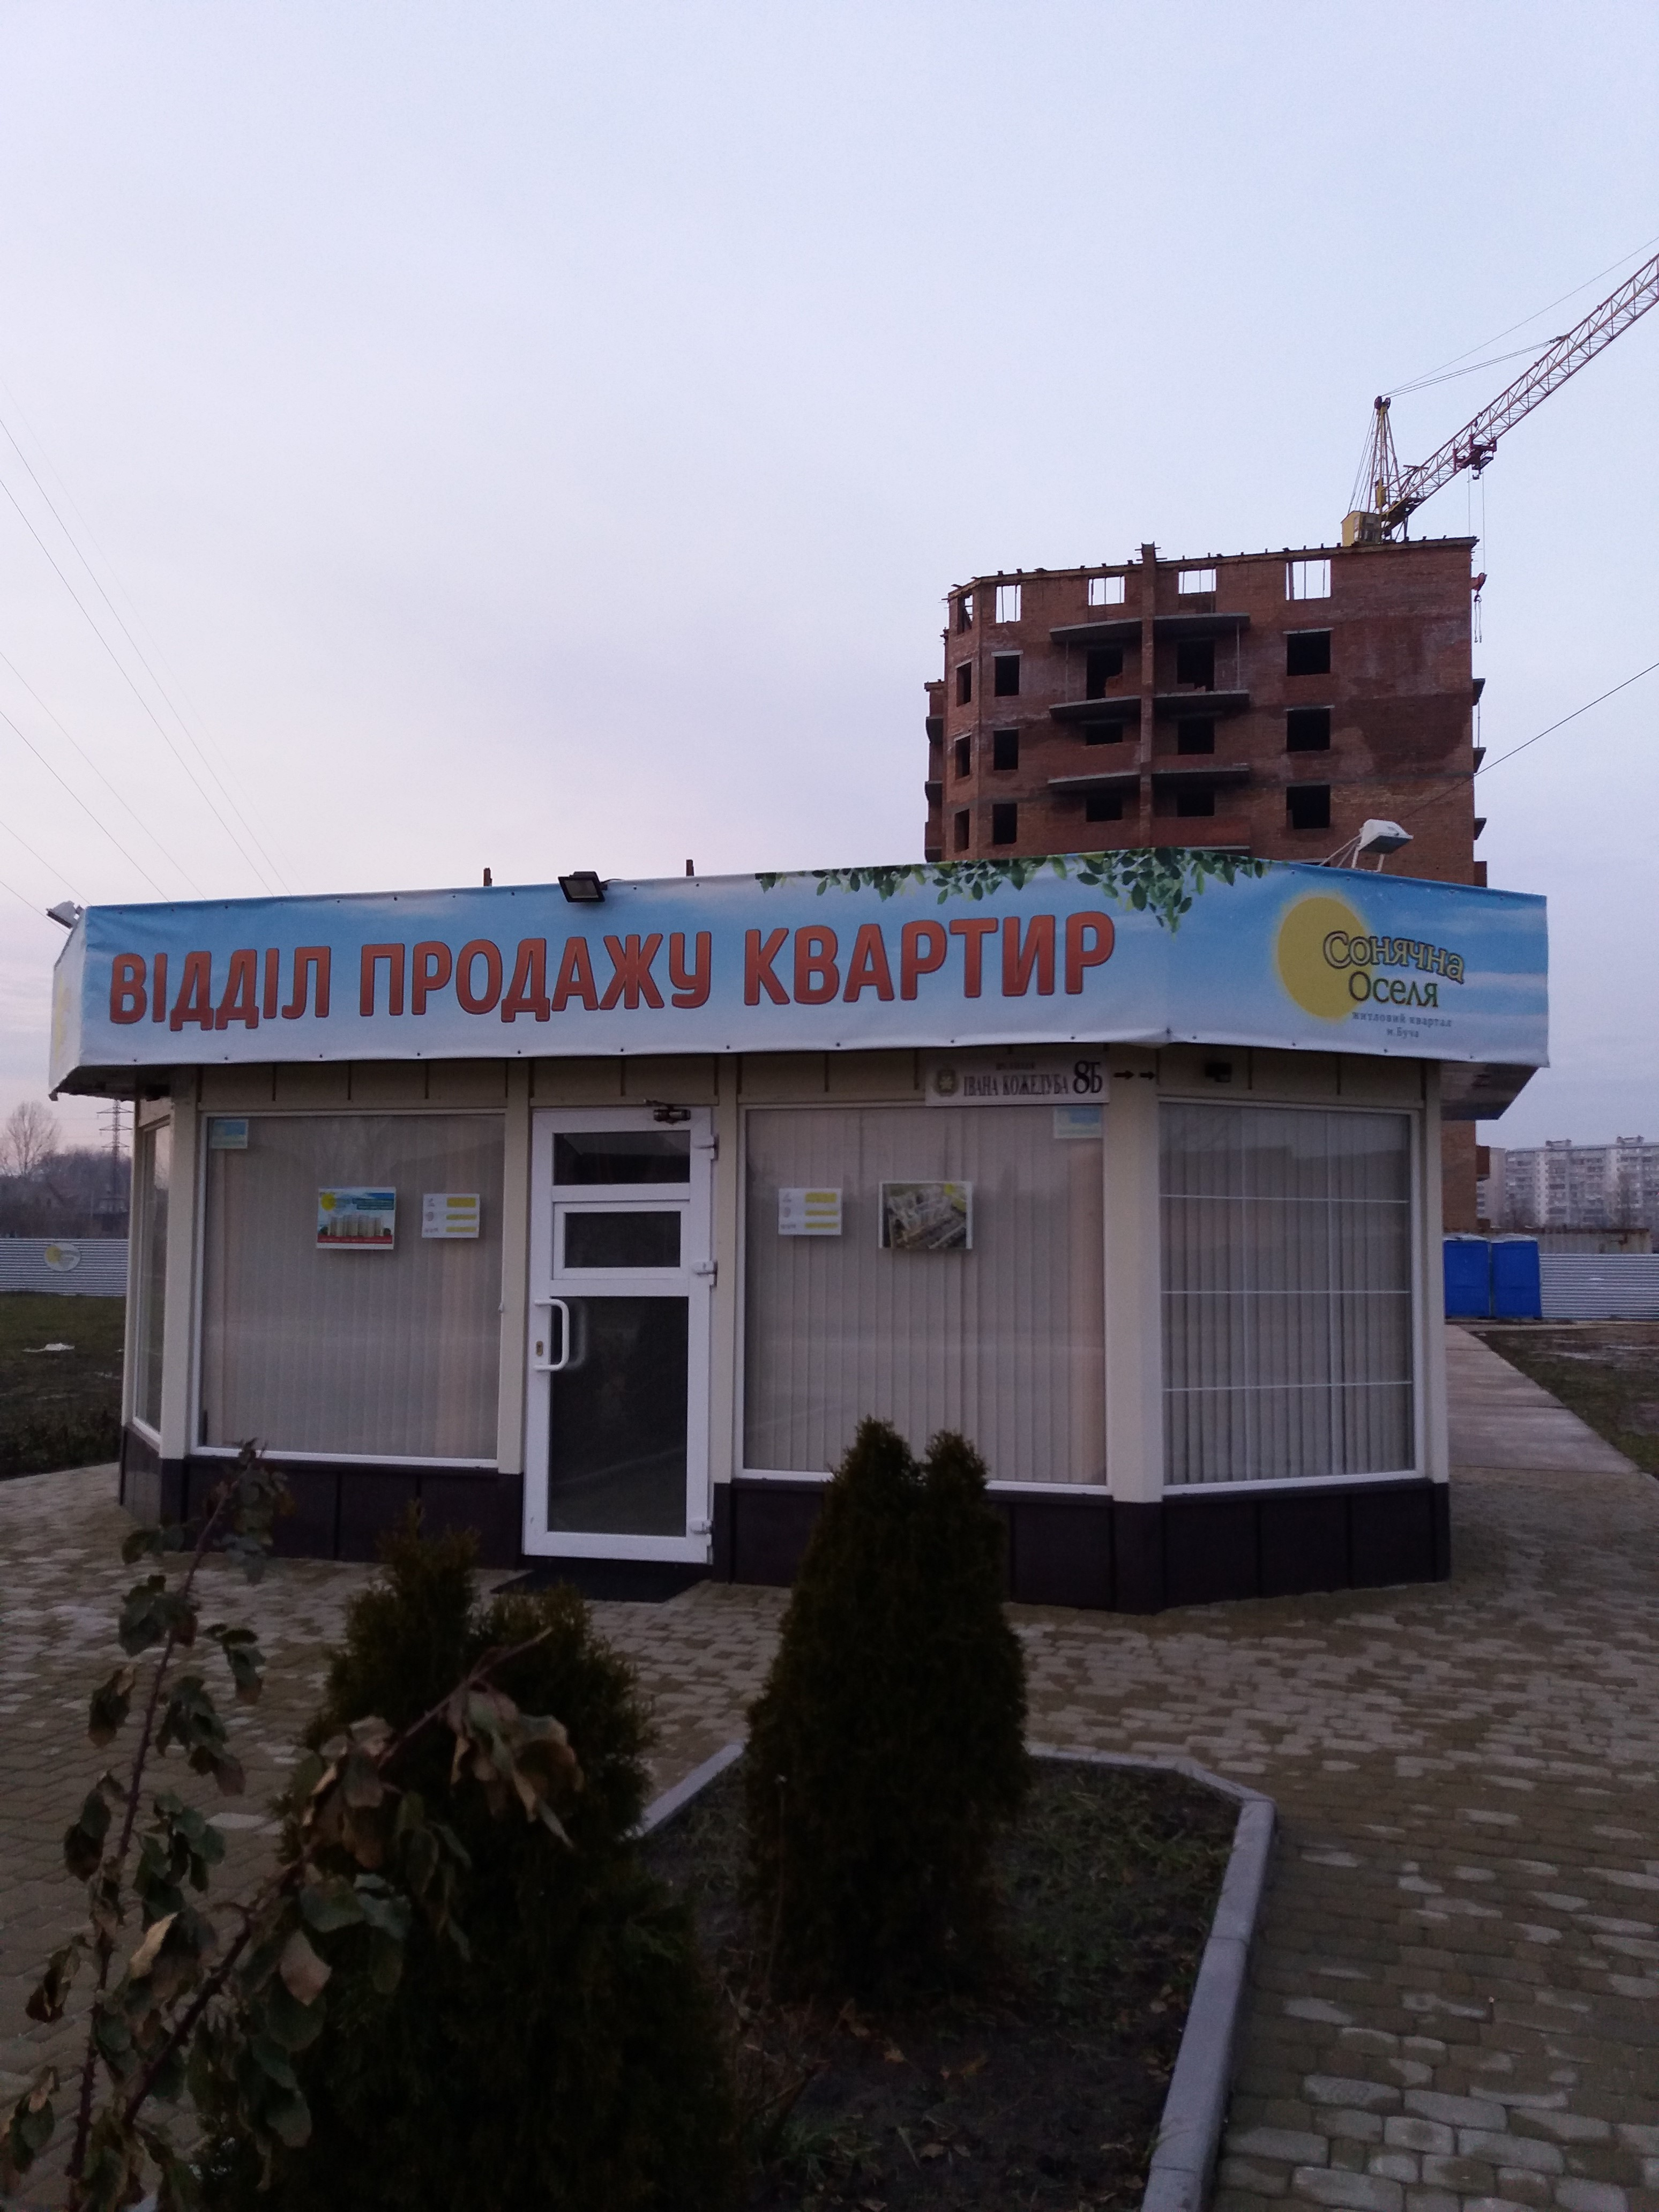 ЖК Сонячна оселя Буча летний вид отдела продаж